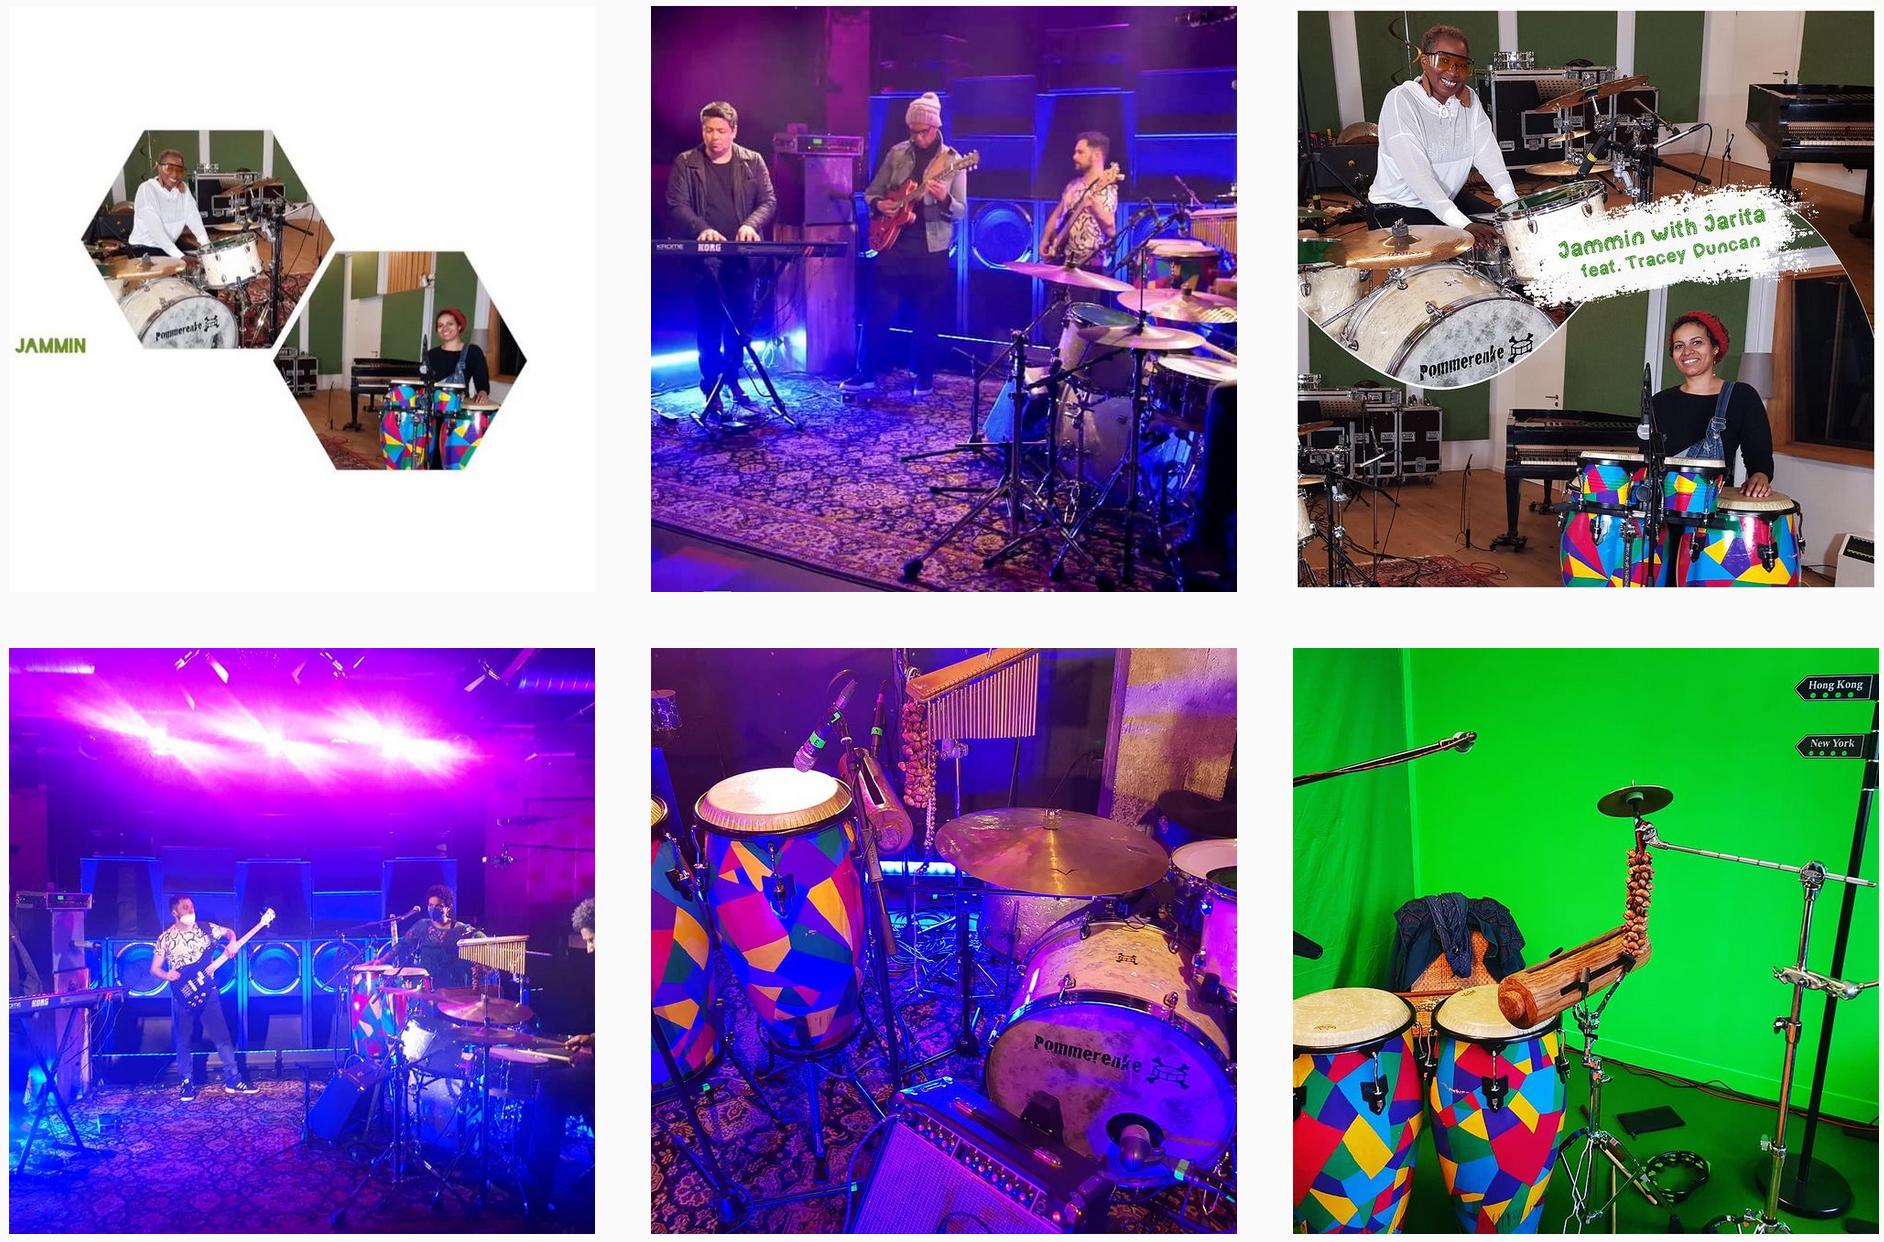 Drums, Voice, Curls – Jammin' with Jarita Freydank